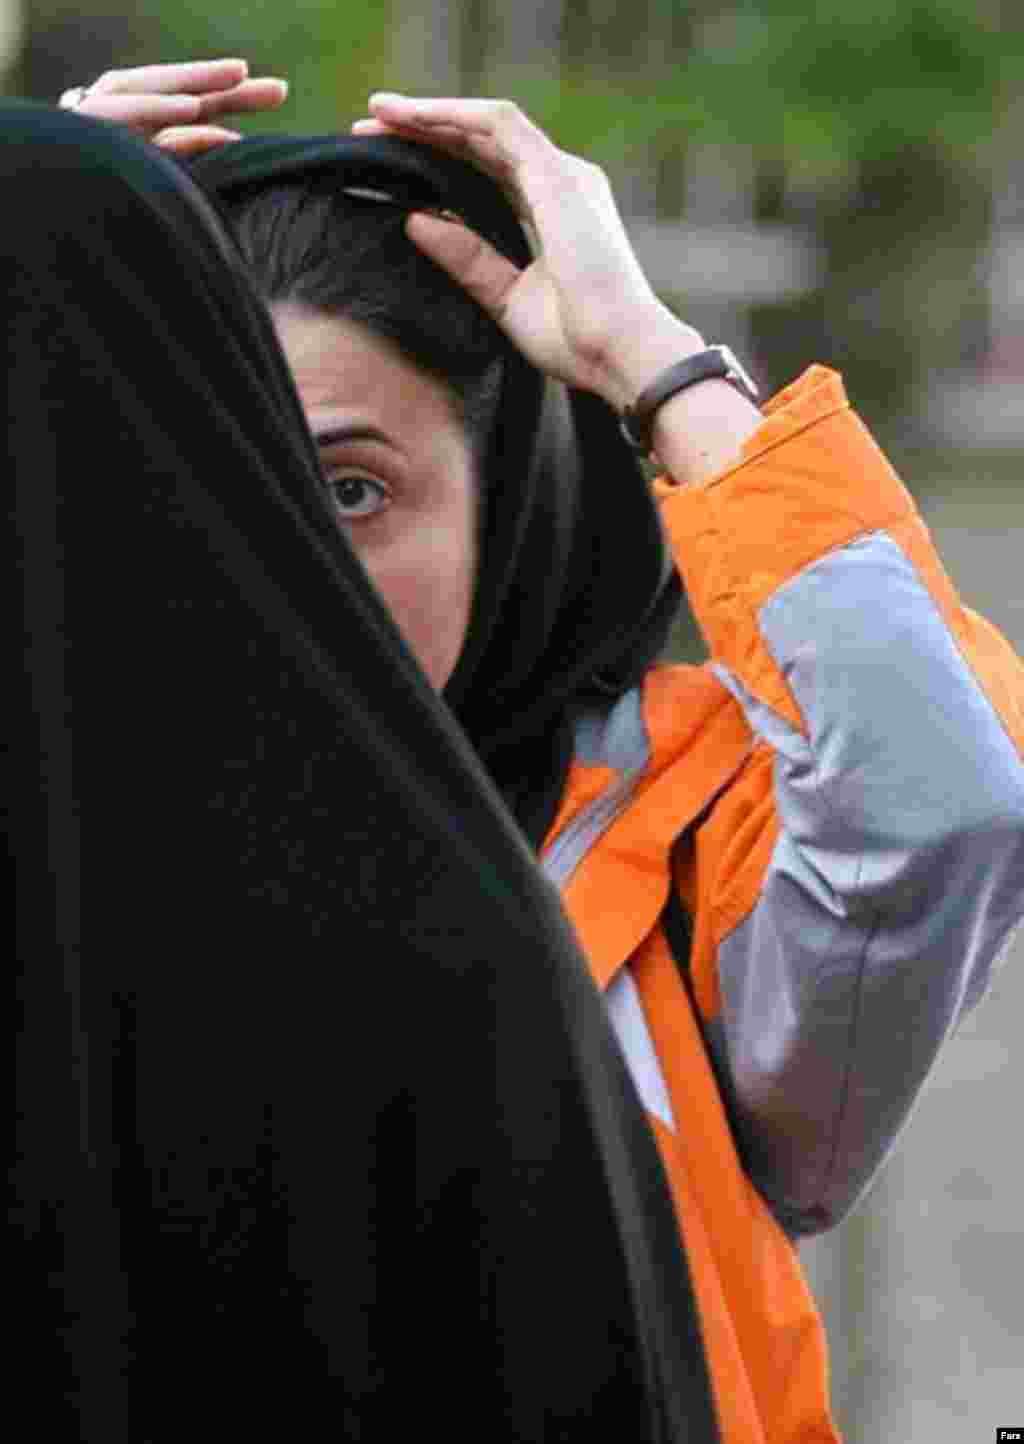 """Räsemnär 22 april könne Tähranda töşerelgän (Fars) - Polisiäneñ qırıs çaraları İranda räsmilär, cämäğätçelek arasında häm matbuğatta törle qaraşlar tudırdı. Qaziät başlığı Ayatulla Mähmüd Haşemi-Şarudi xatın-qızlarğa qarşı andıy çaralar kürmäskä çaqırdı. İran basmalarına ul """"sotsial ölkädä qırıs çaralar tirskäre näticäğä kiterergä mömkin"""" dip beldergän."""